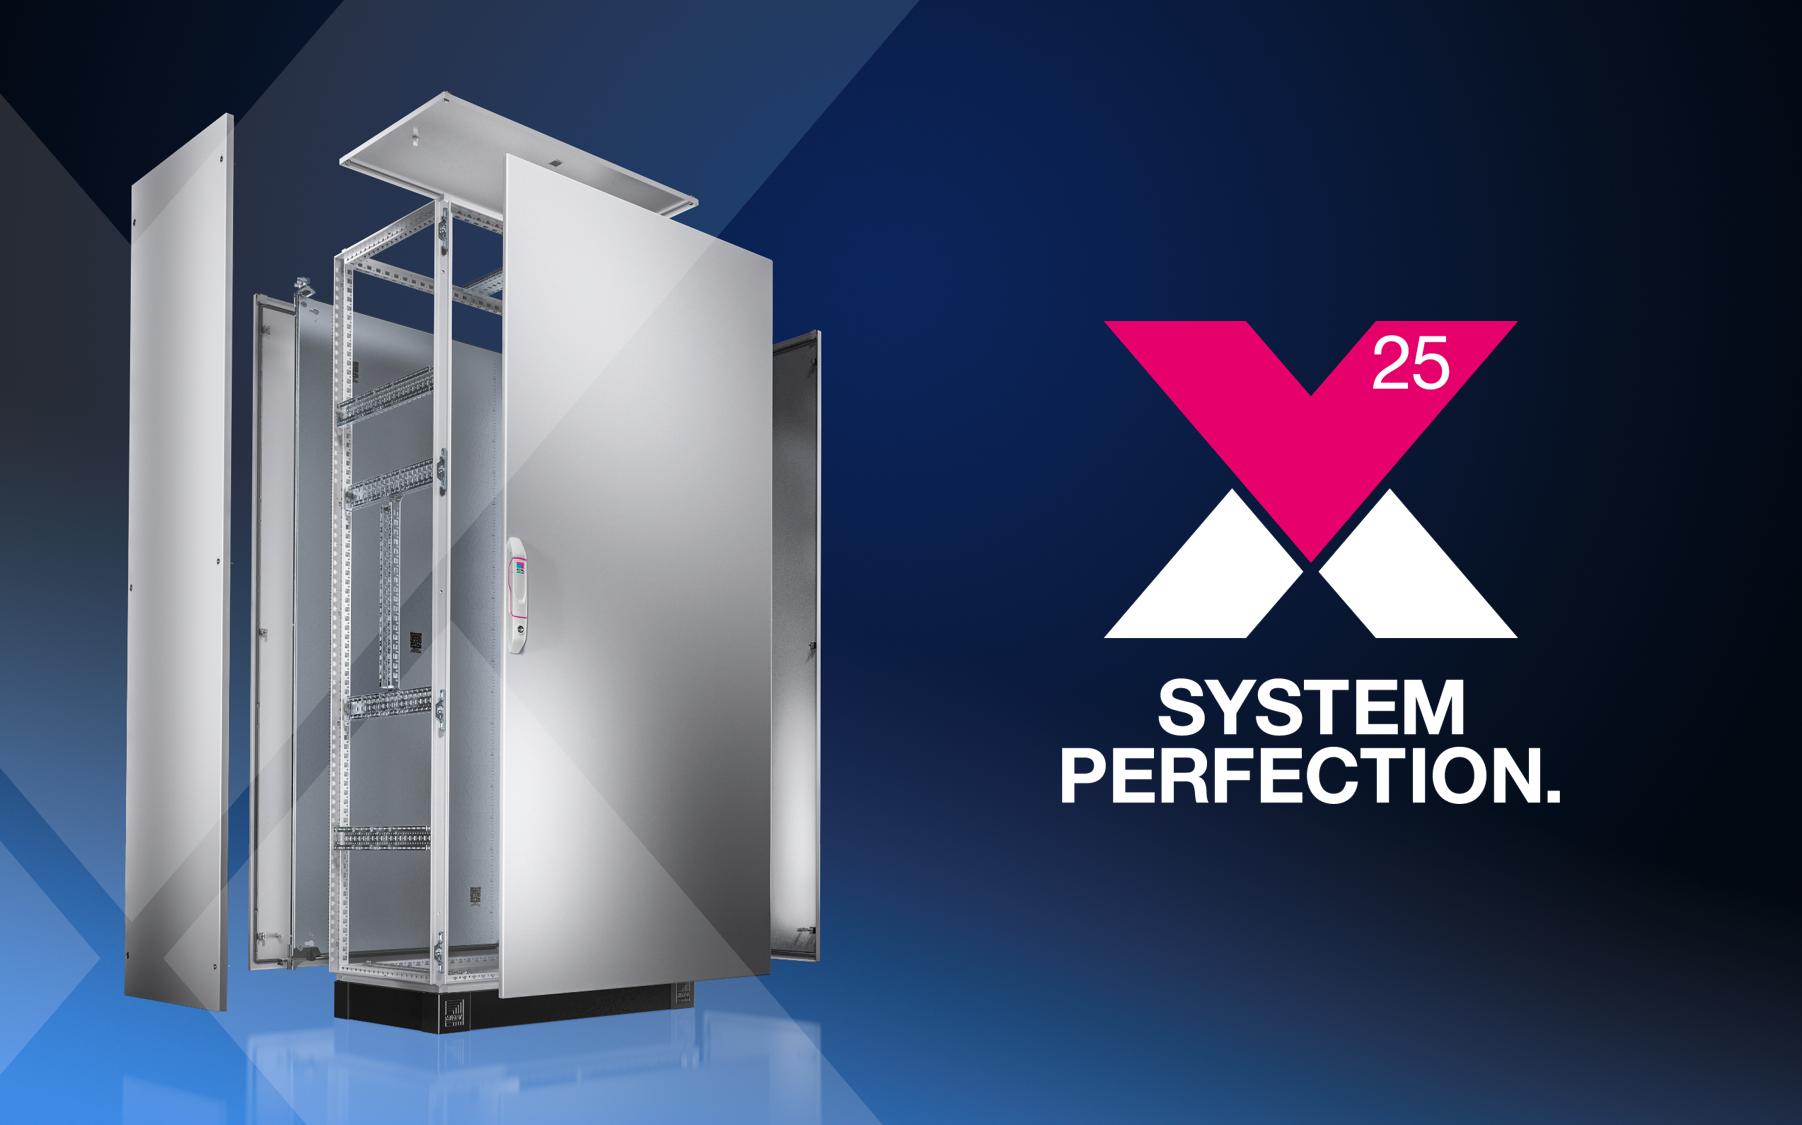 Jornada formativa Rittal Lunes 2 de Julio: presentación del nuevo armario ensamblable VX25